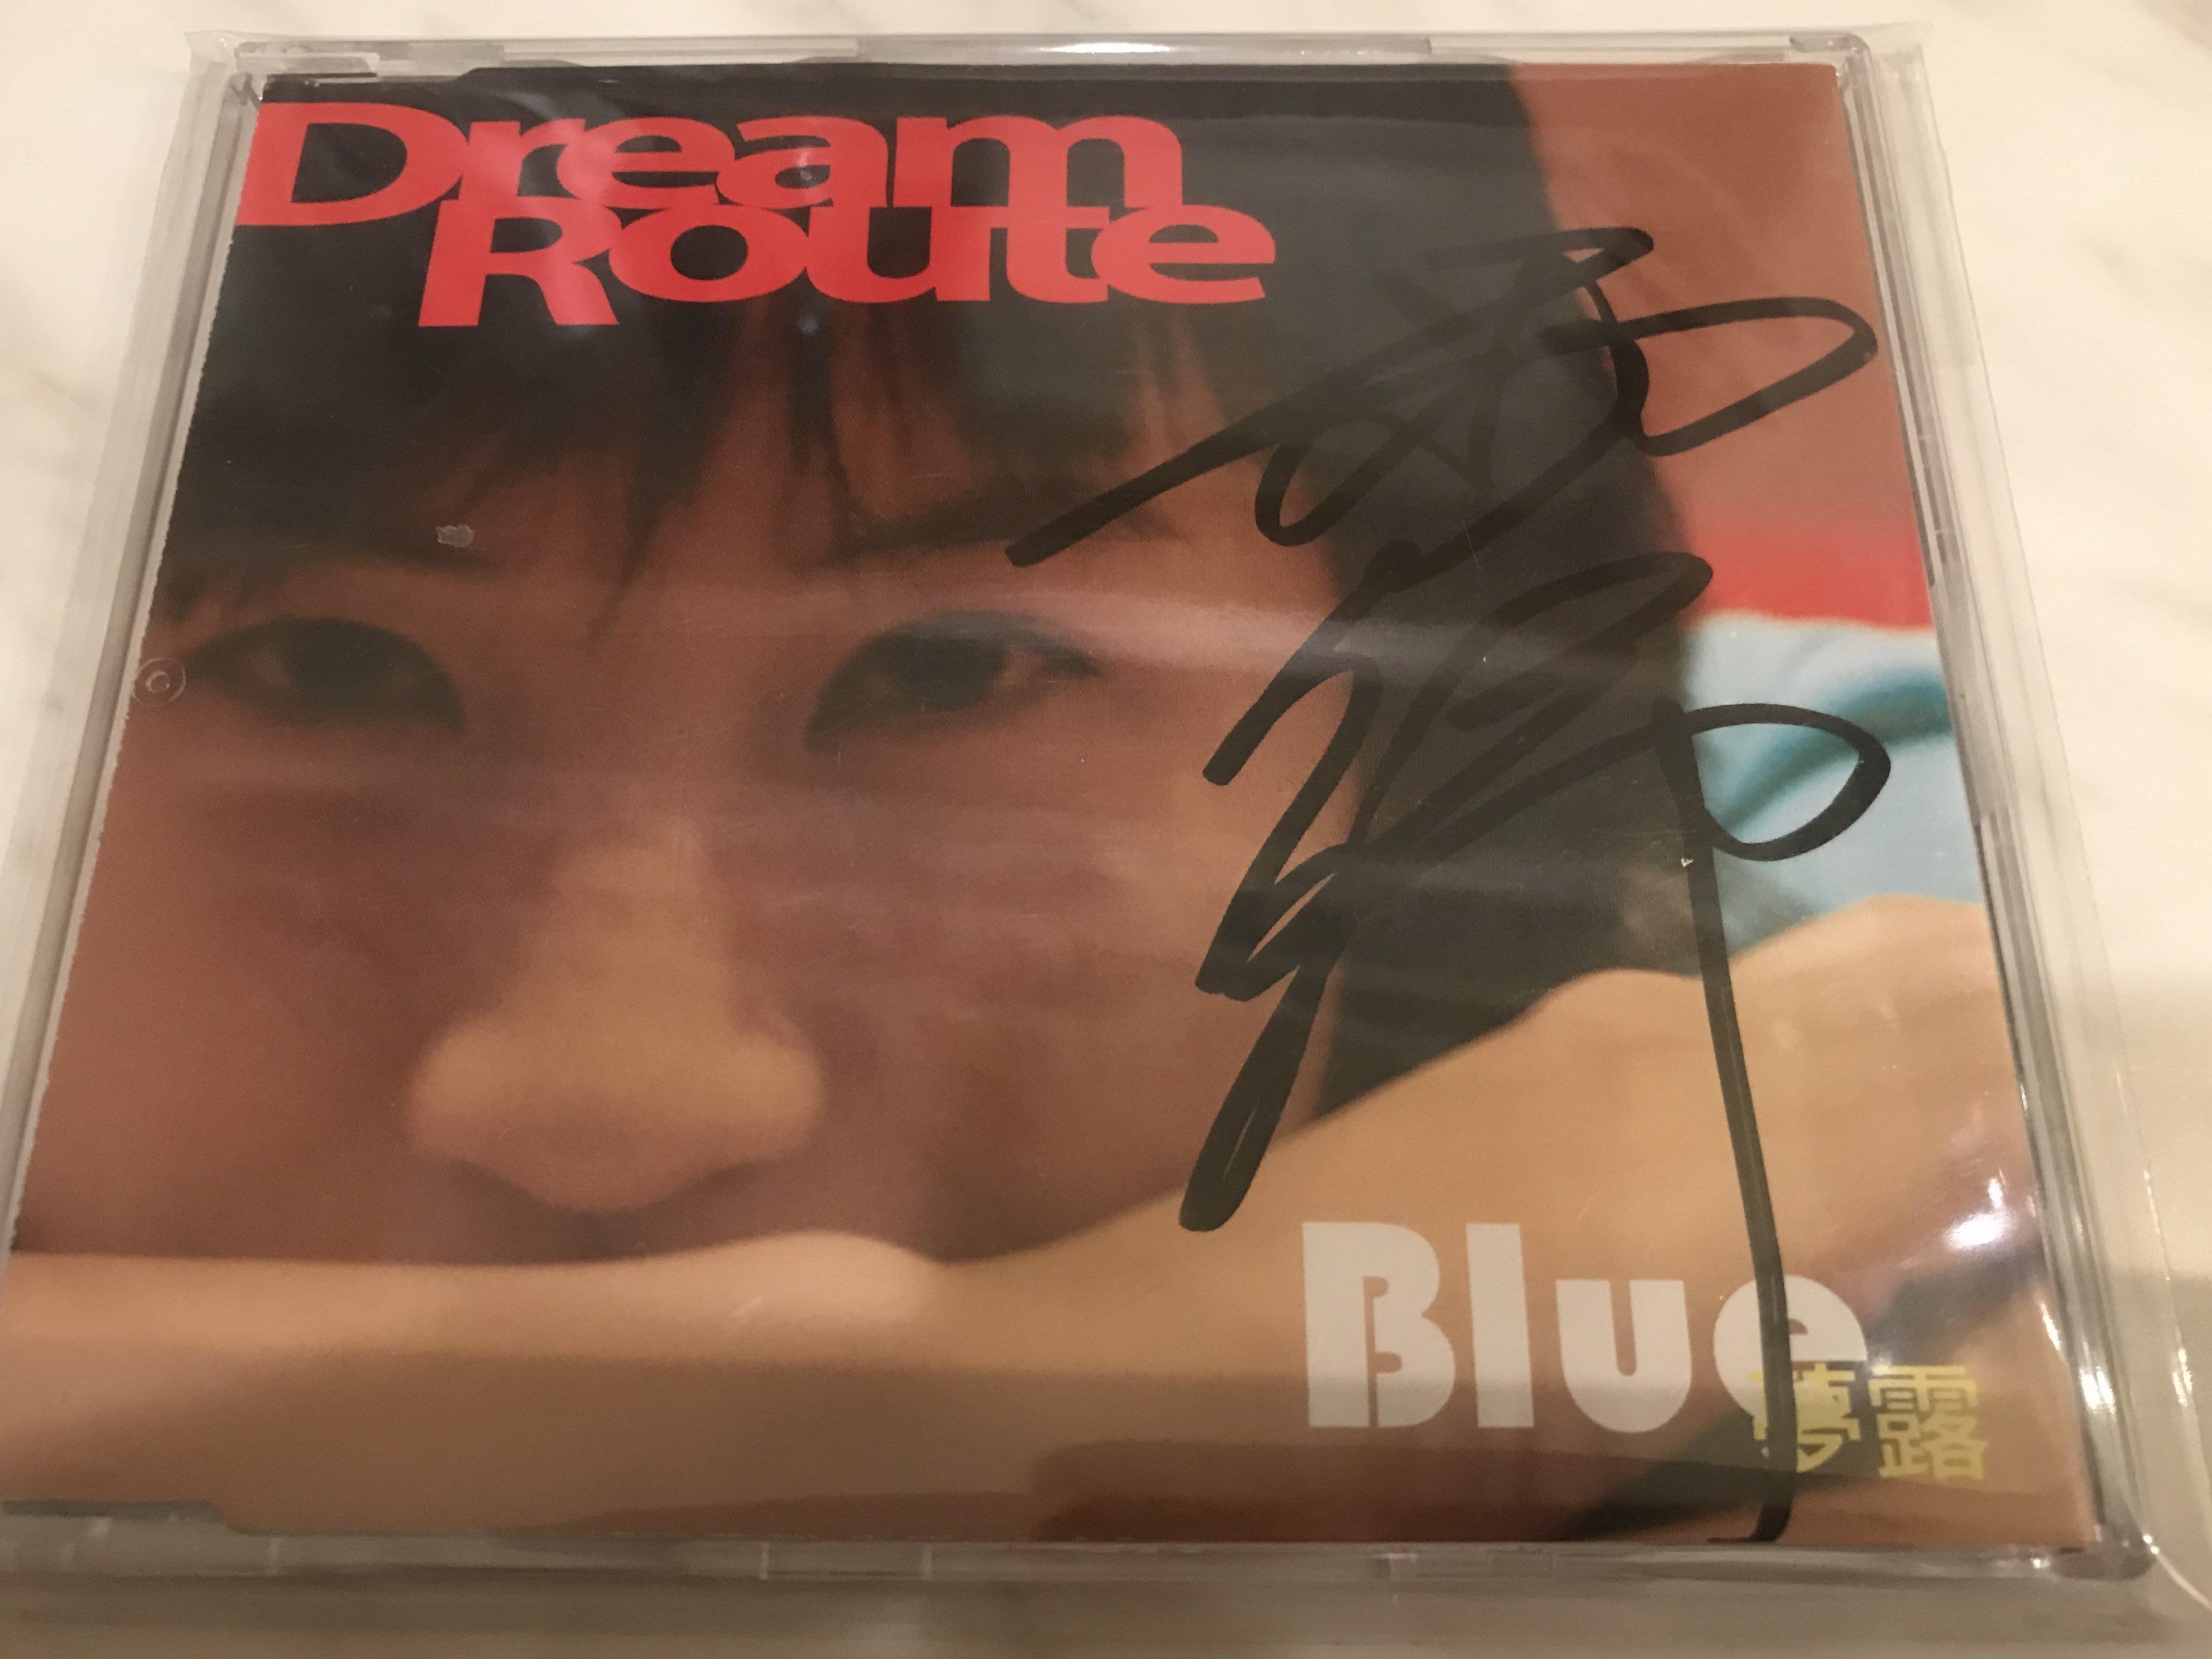 全團員親筆簽名 限量絕版單曲 阿霈樂團 季欣霈/ 夢露 Dream Route 限量單曲